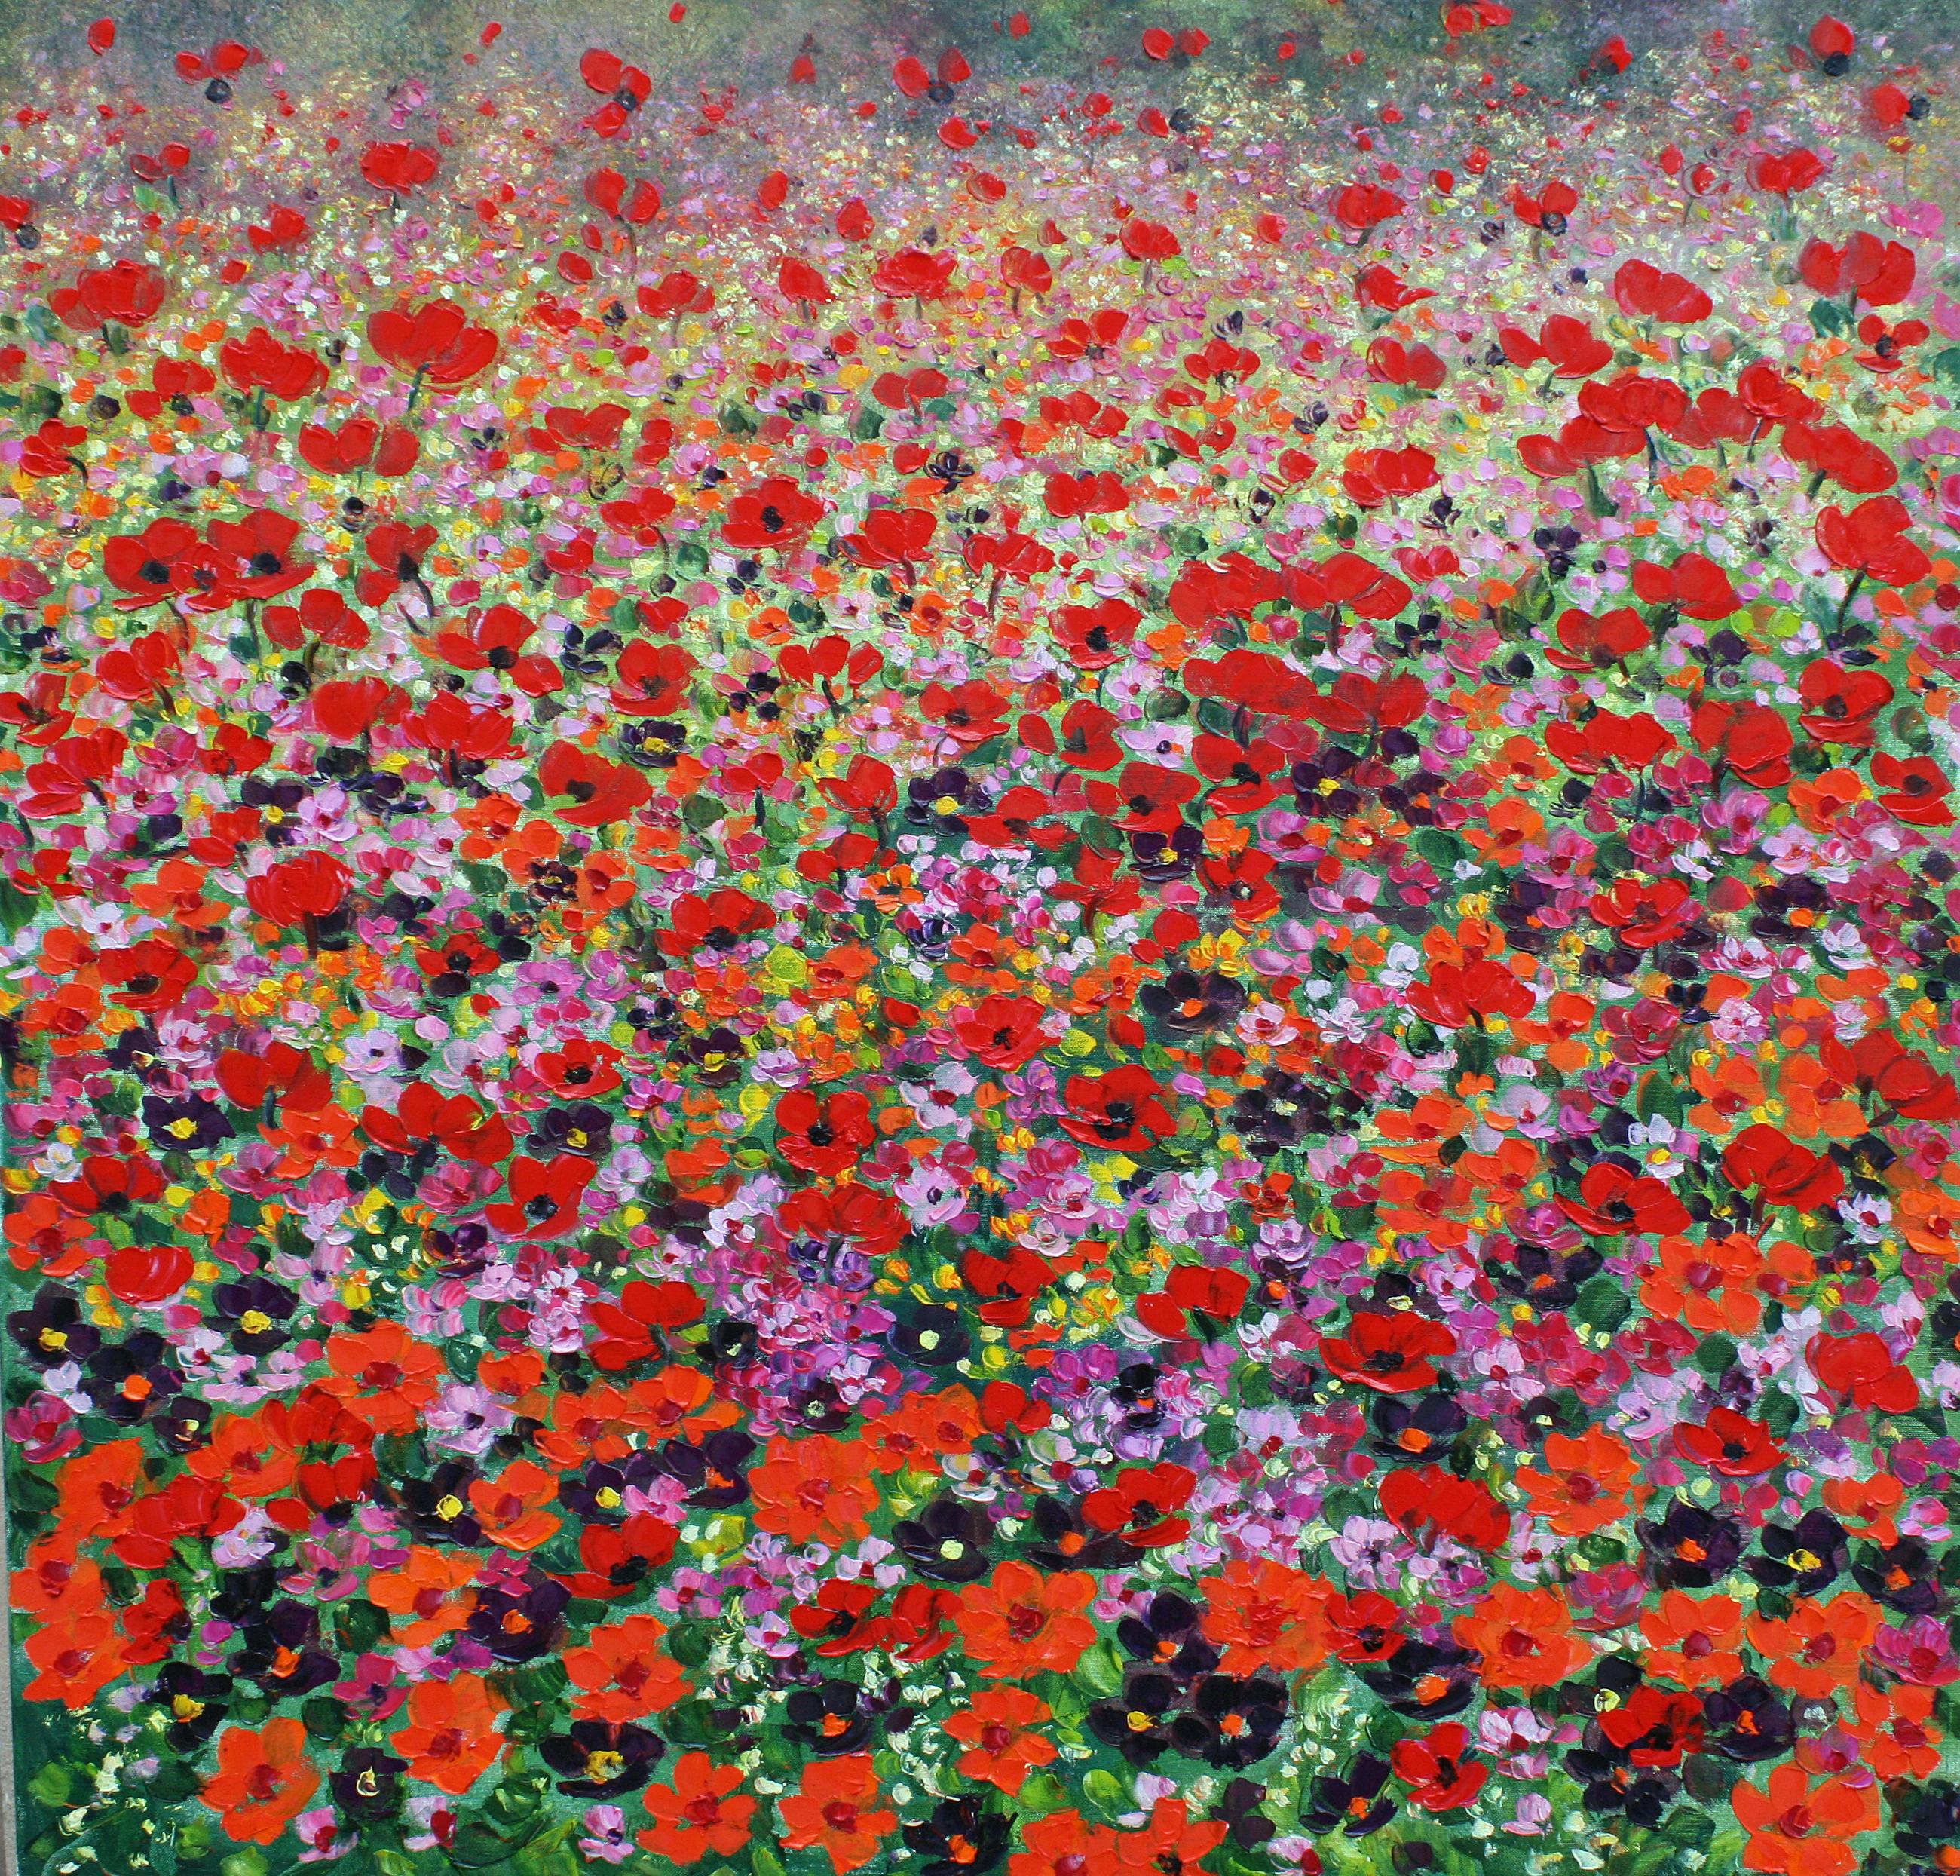 Rif. 4599 - Giardino  in fiore